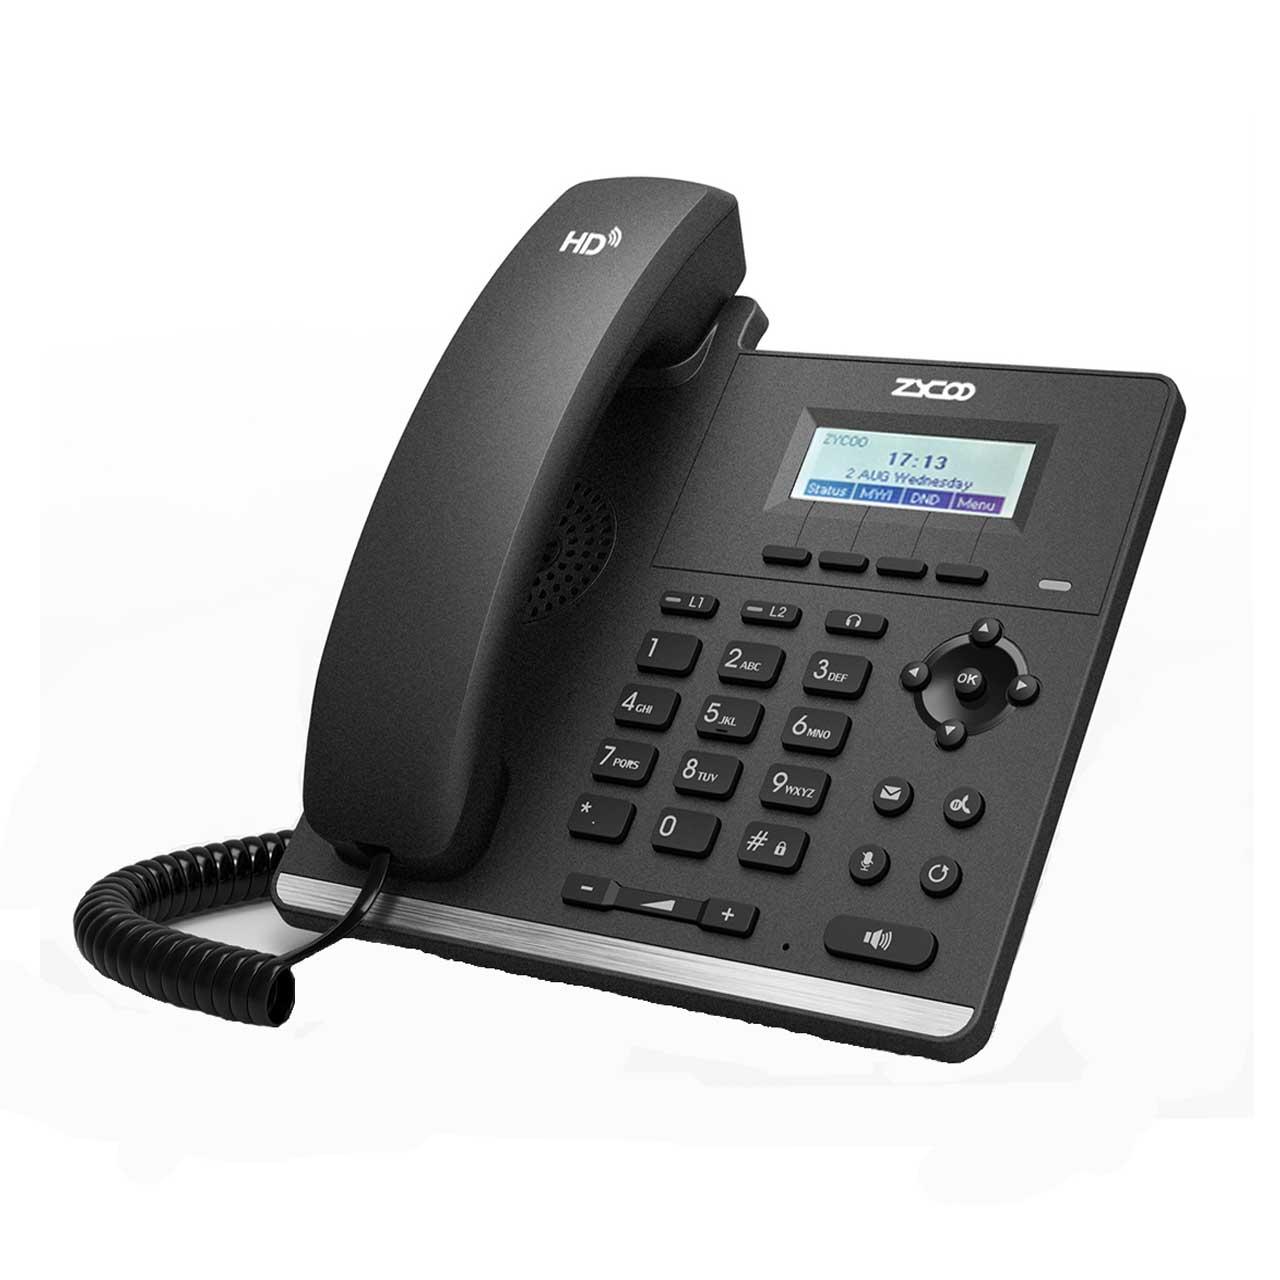 تلفن تحت شبکه زایکو مدل CooFone H81